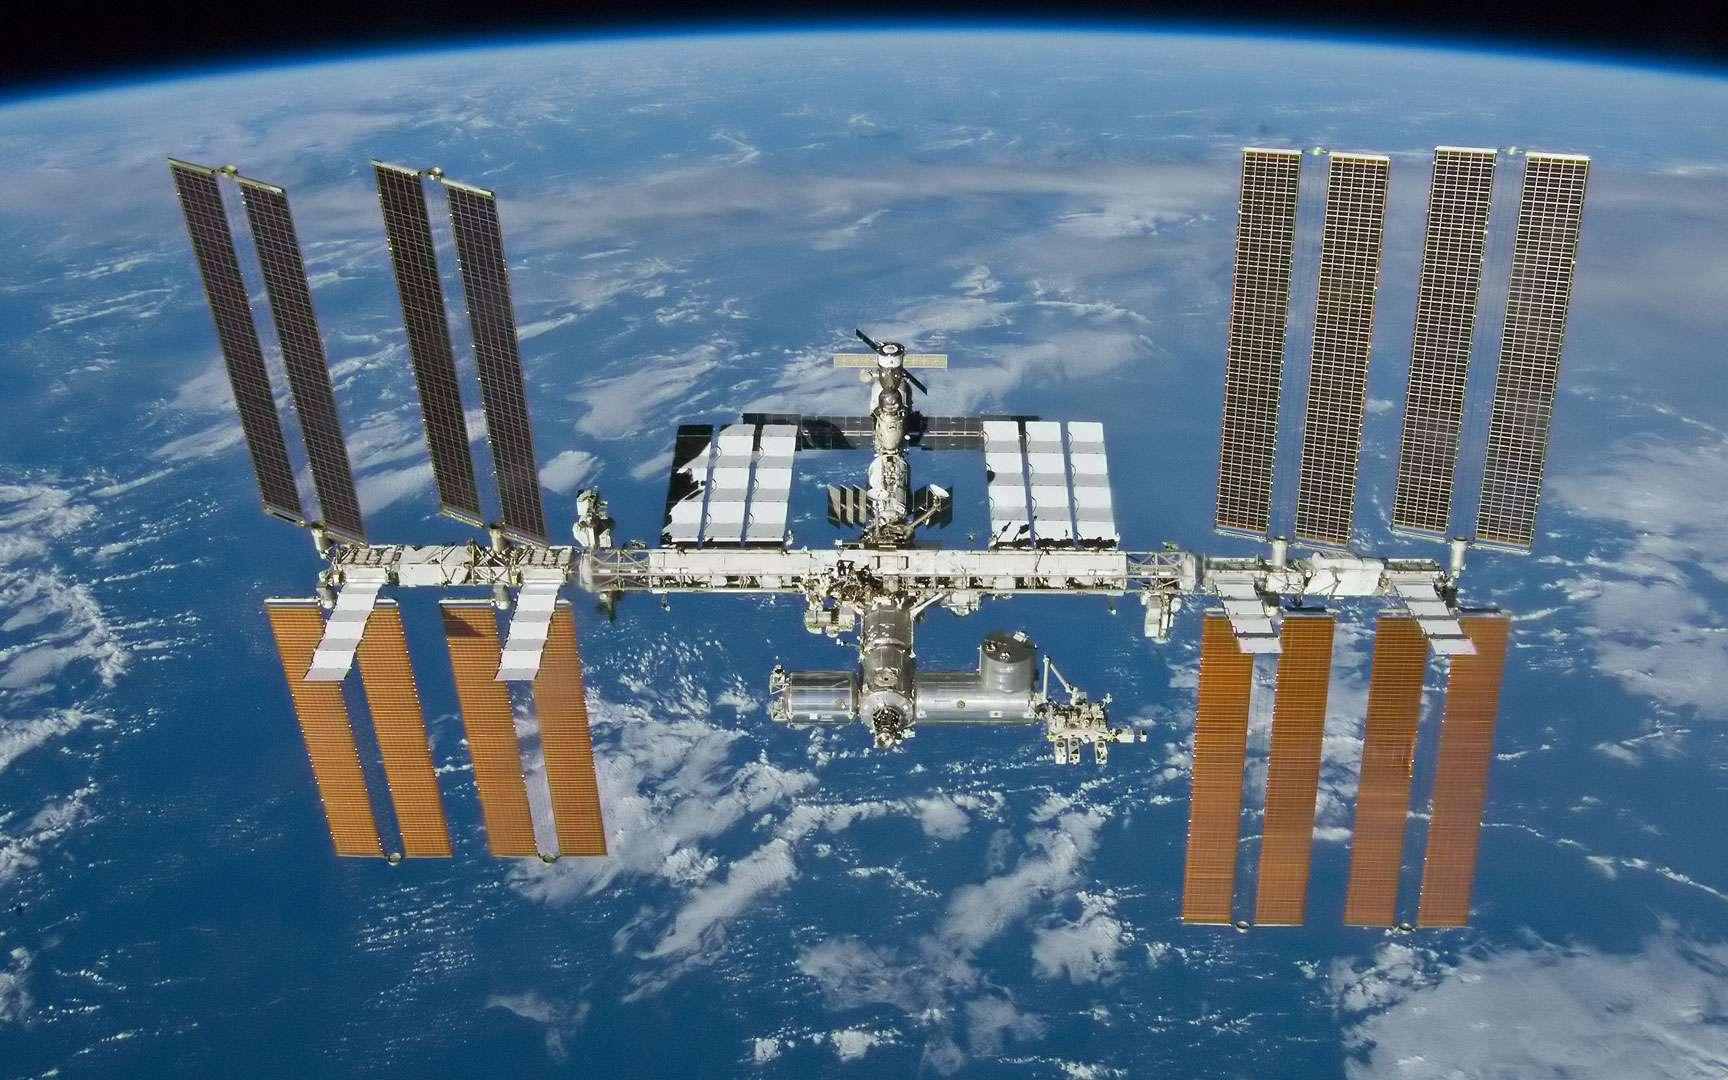 Mir. Rendez-vous entre la navette spatiale Columbia et la station russe Mir.